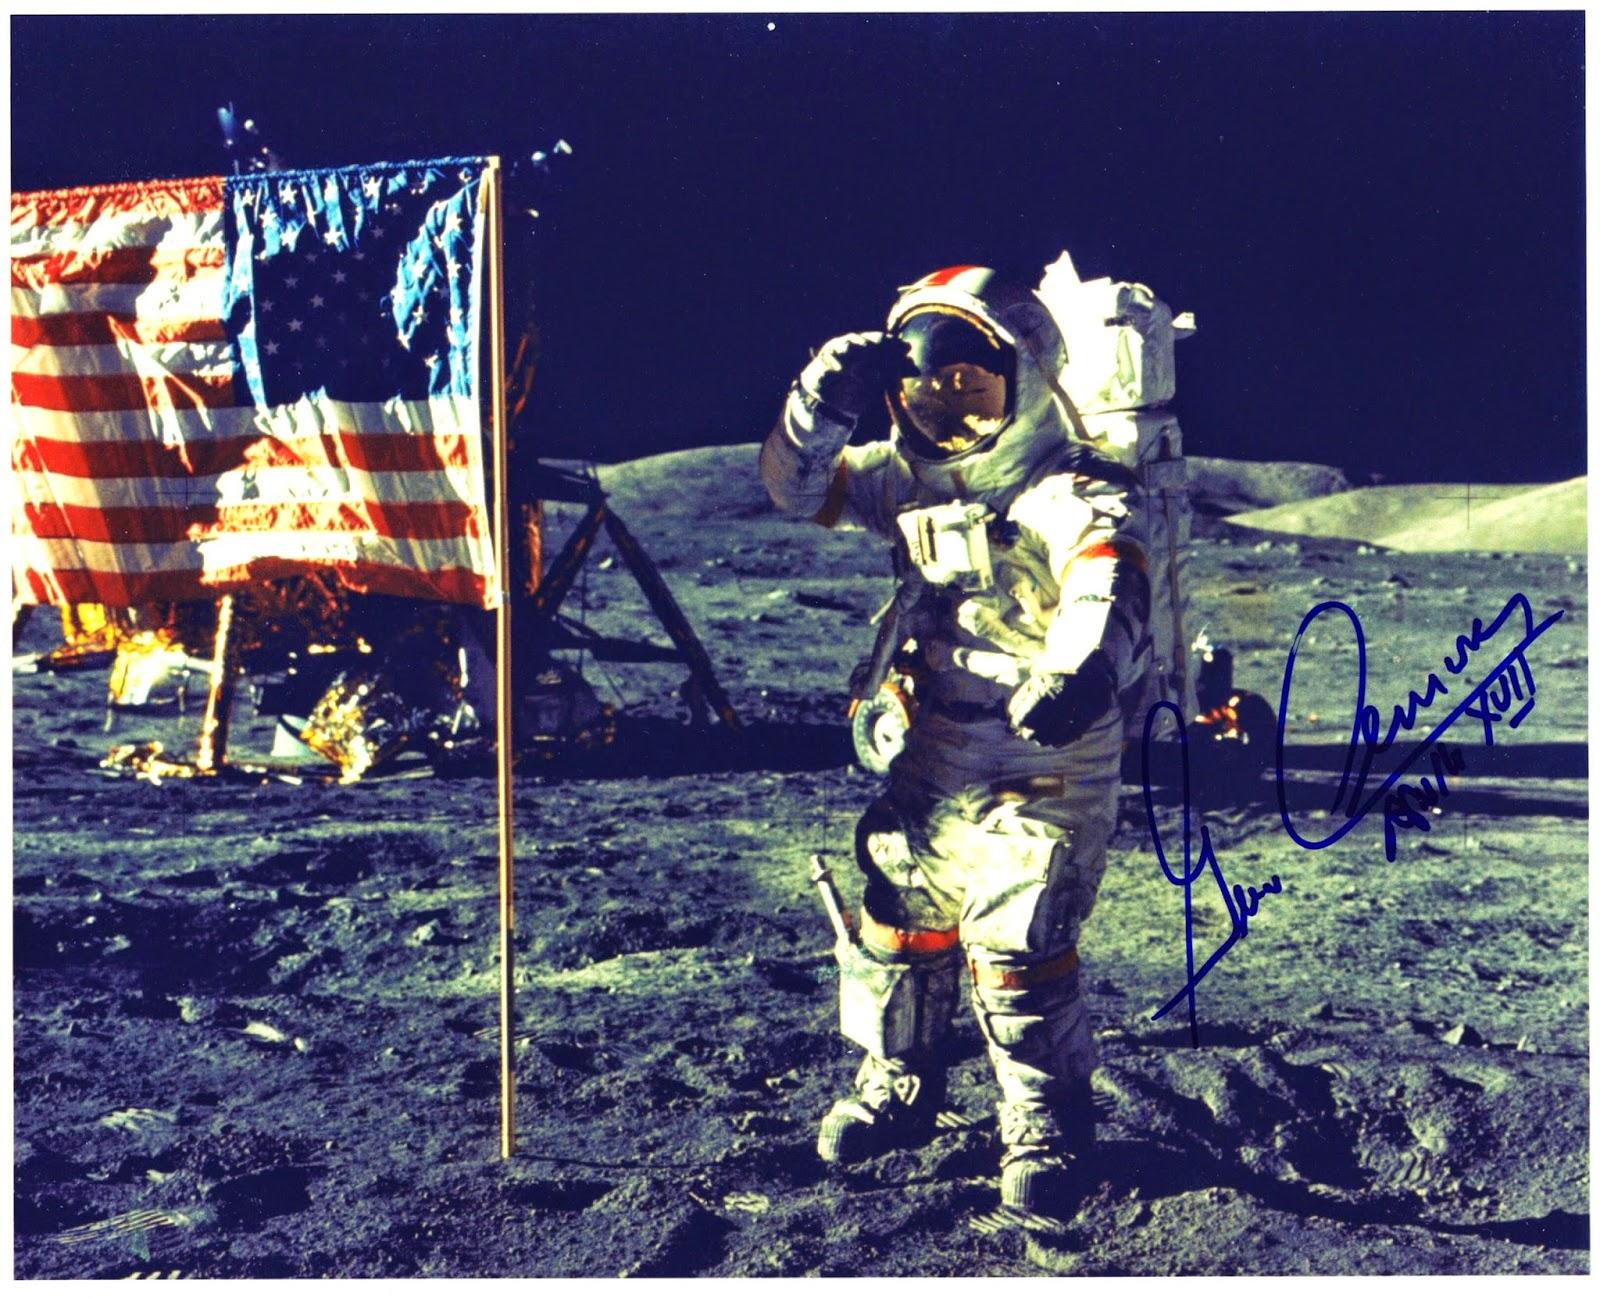 apollo space program collectibles - photo #43